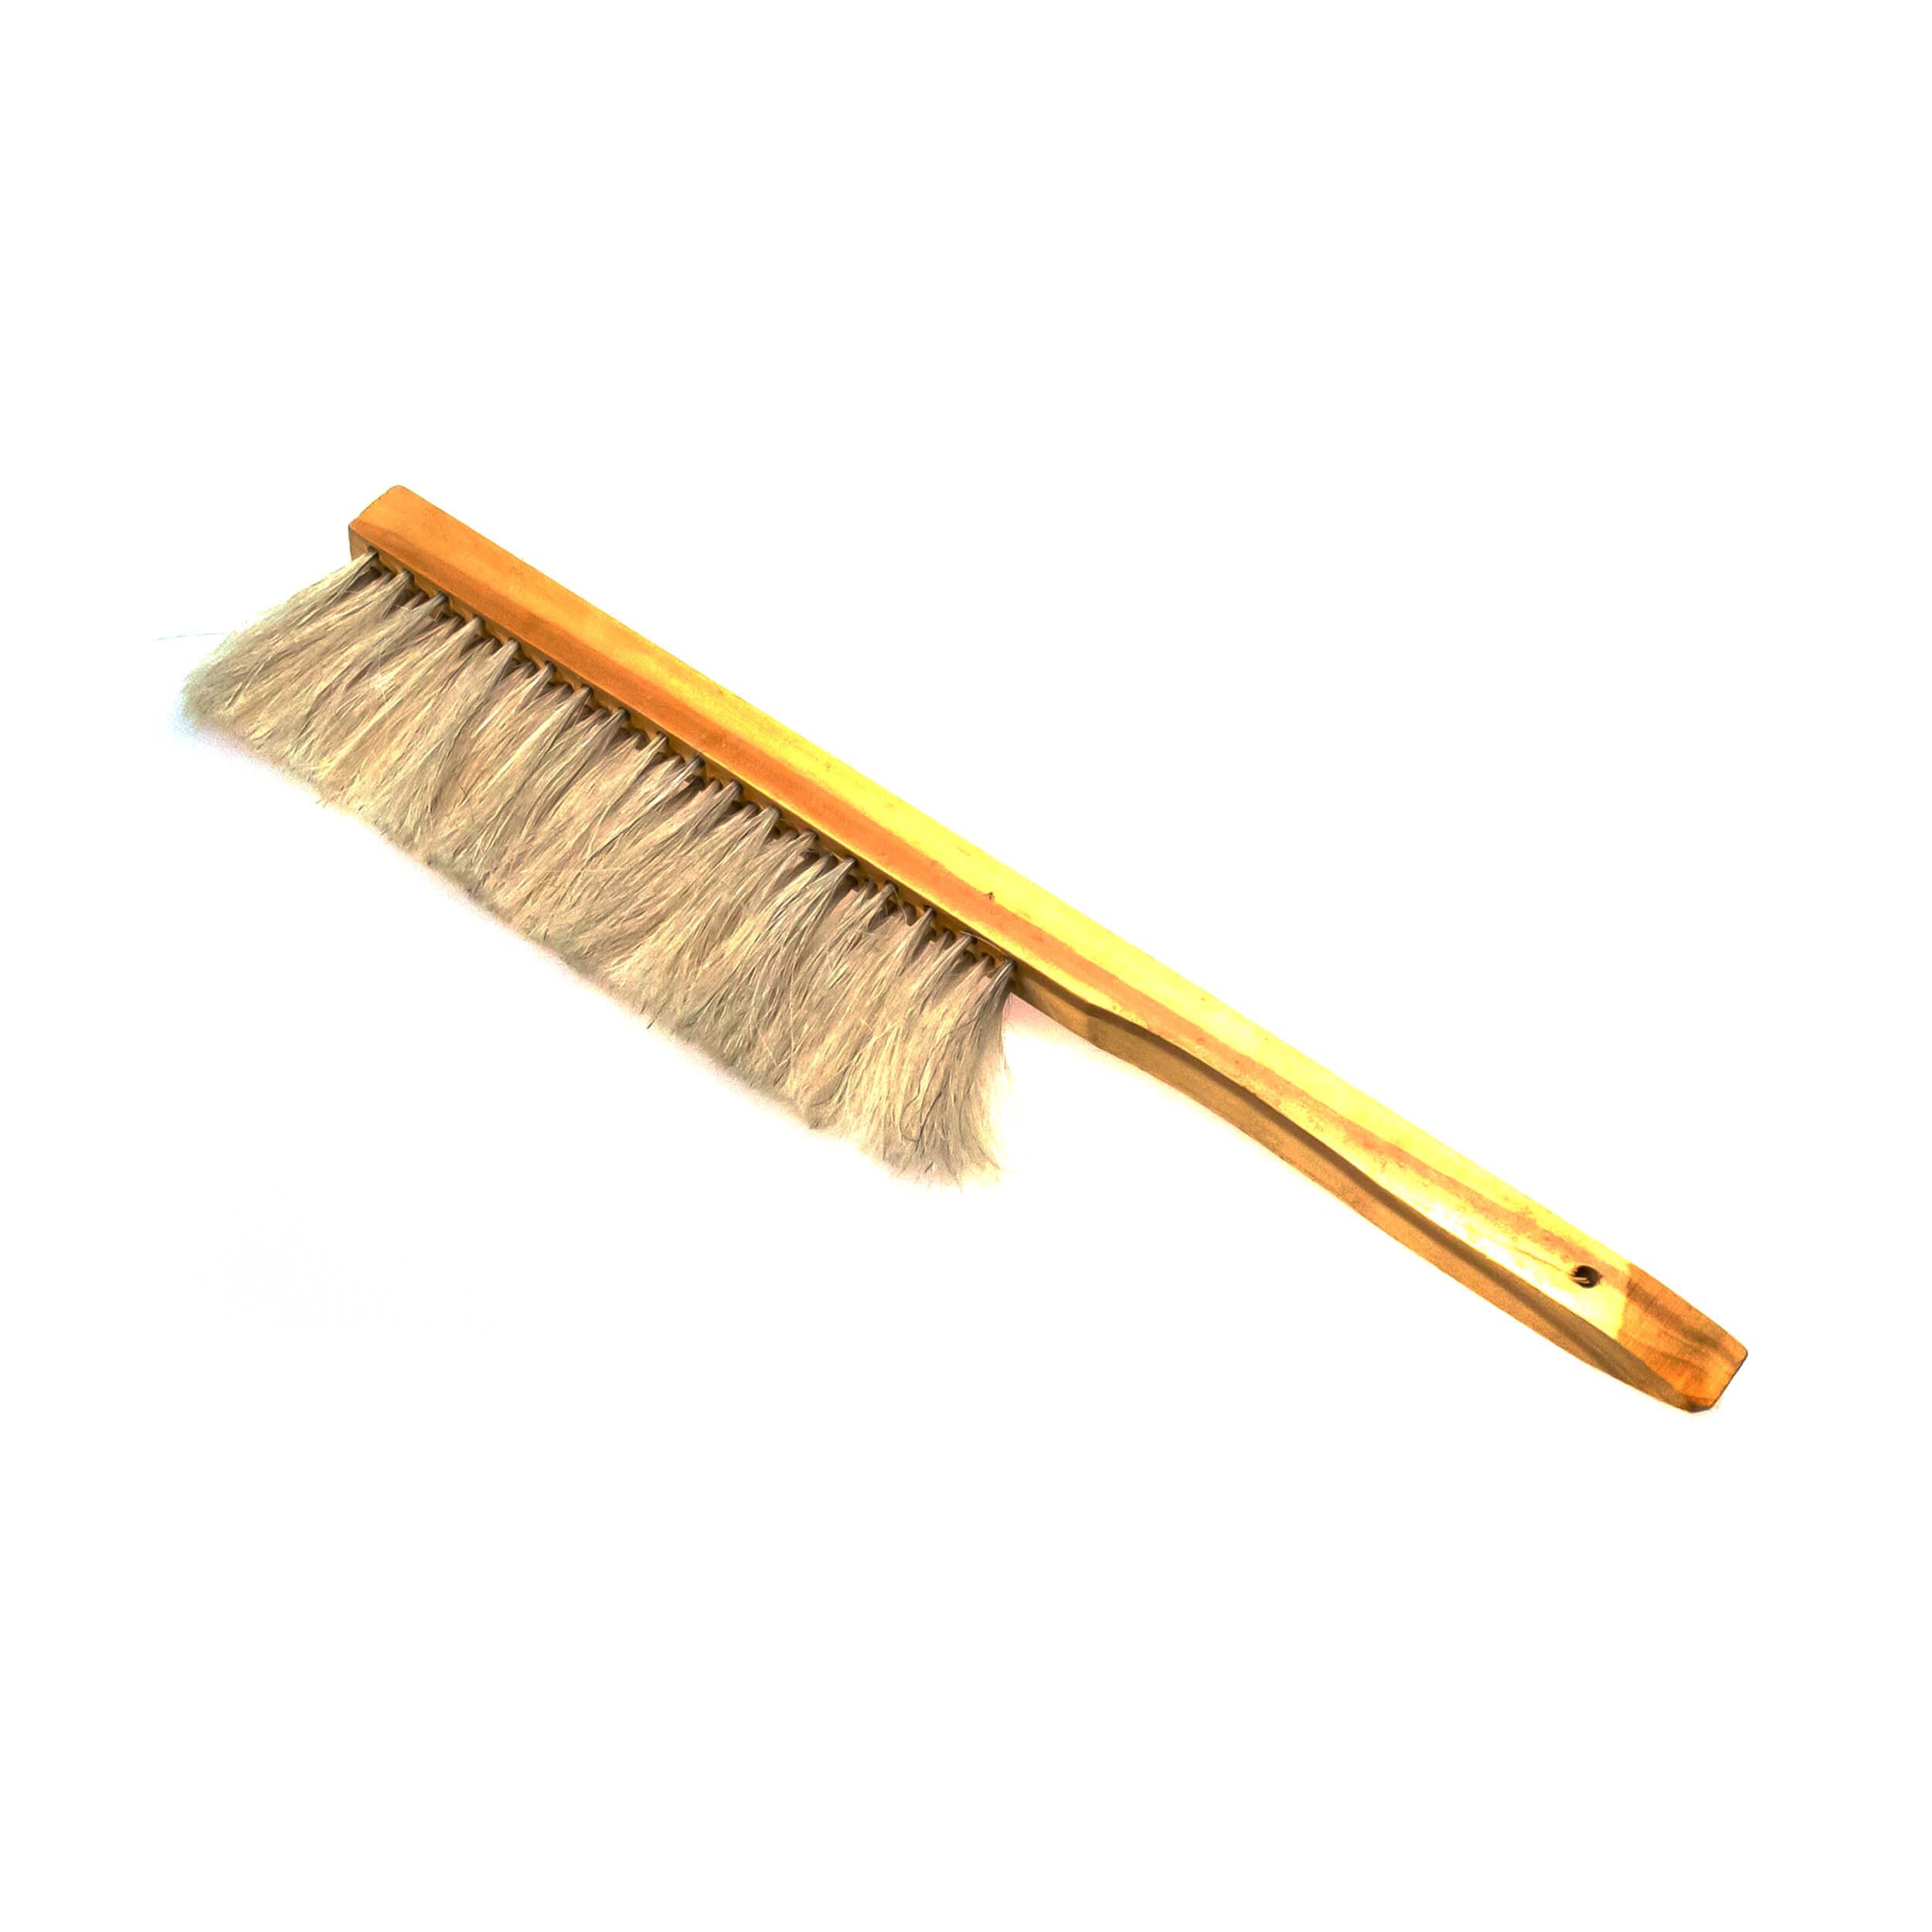 """Щетка сметка """"Horsehair Bee Brush"""" трехрядная (натуральный конский ворс, деревянная ручка) фото"""